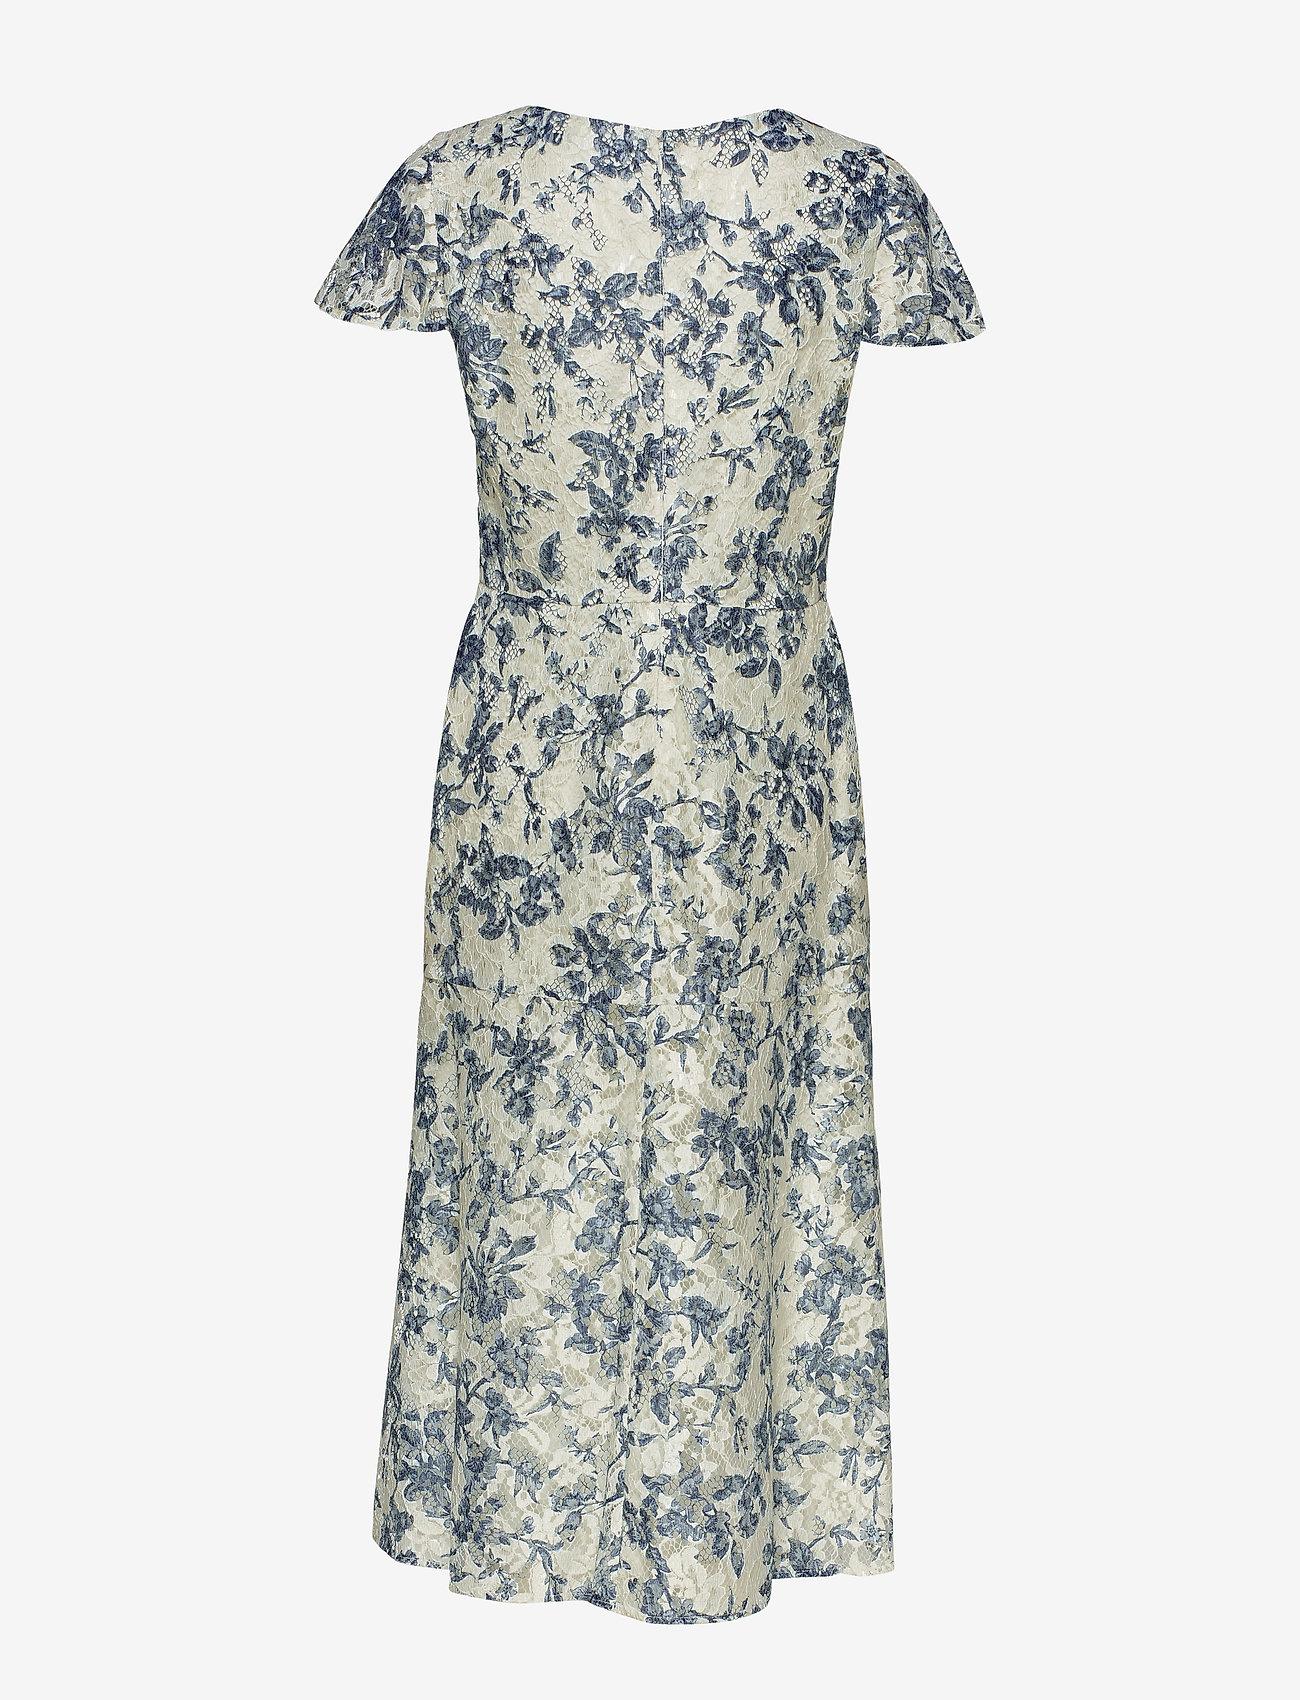 Floral Lace V-neck Dress (Col Cream/blue/mu) - Lauren Ralph Lauren 4y0LVk